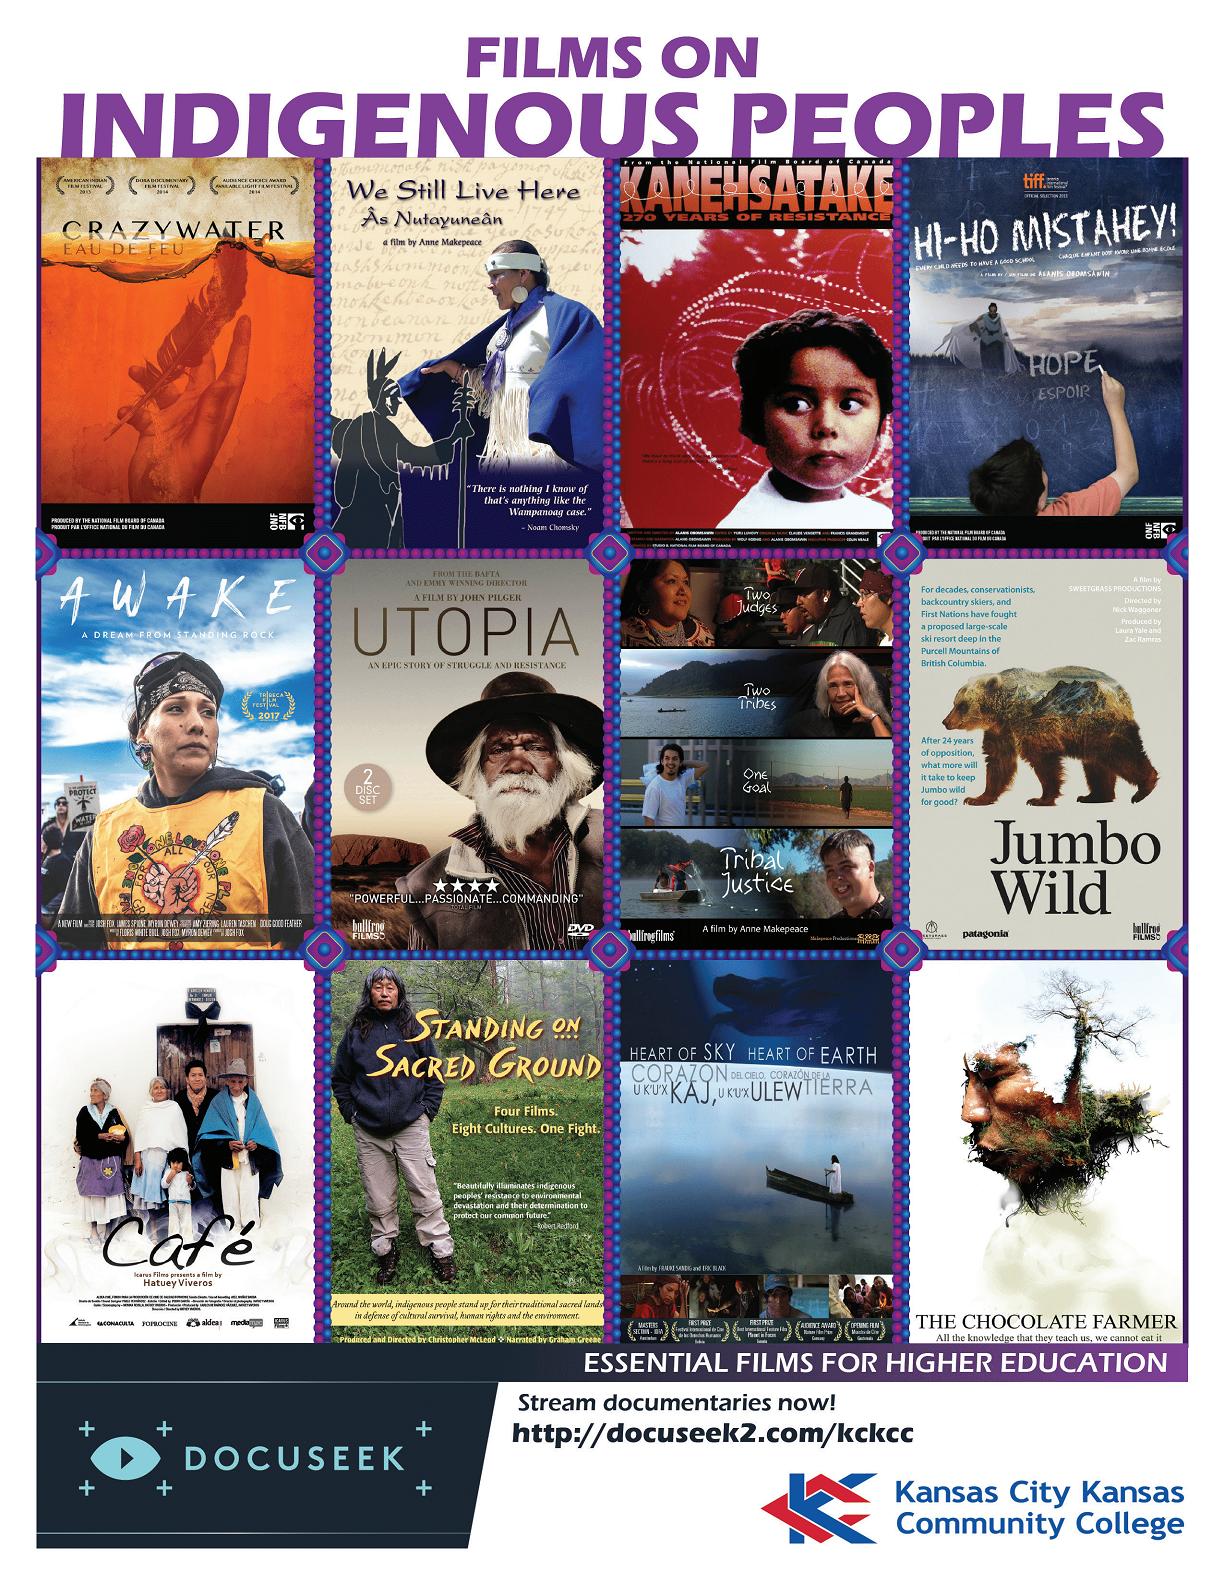 indigenous peoples films